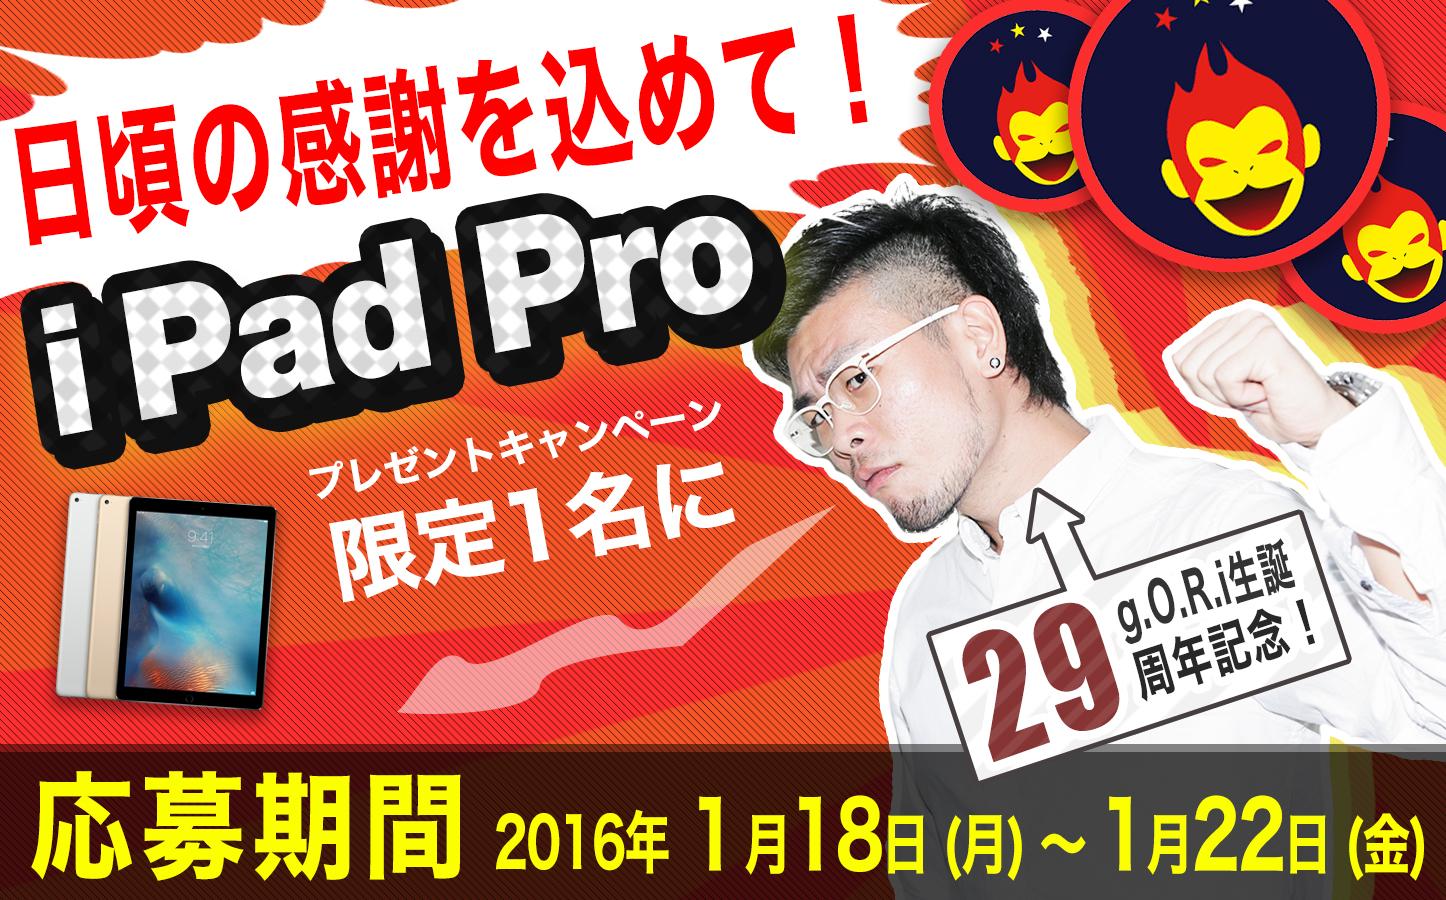 iPad Proを限定1名にプレゼント!【生誕29周年記念キャンペーン】